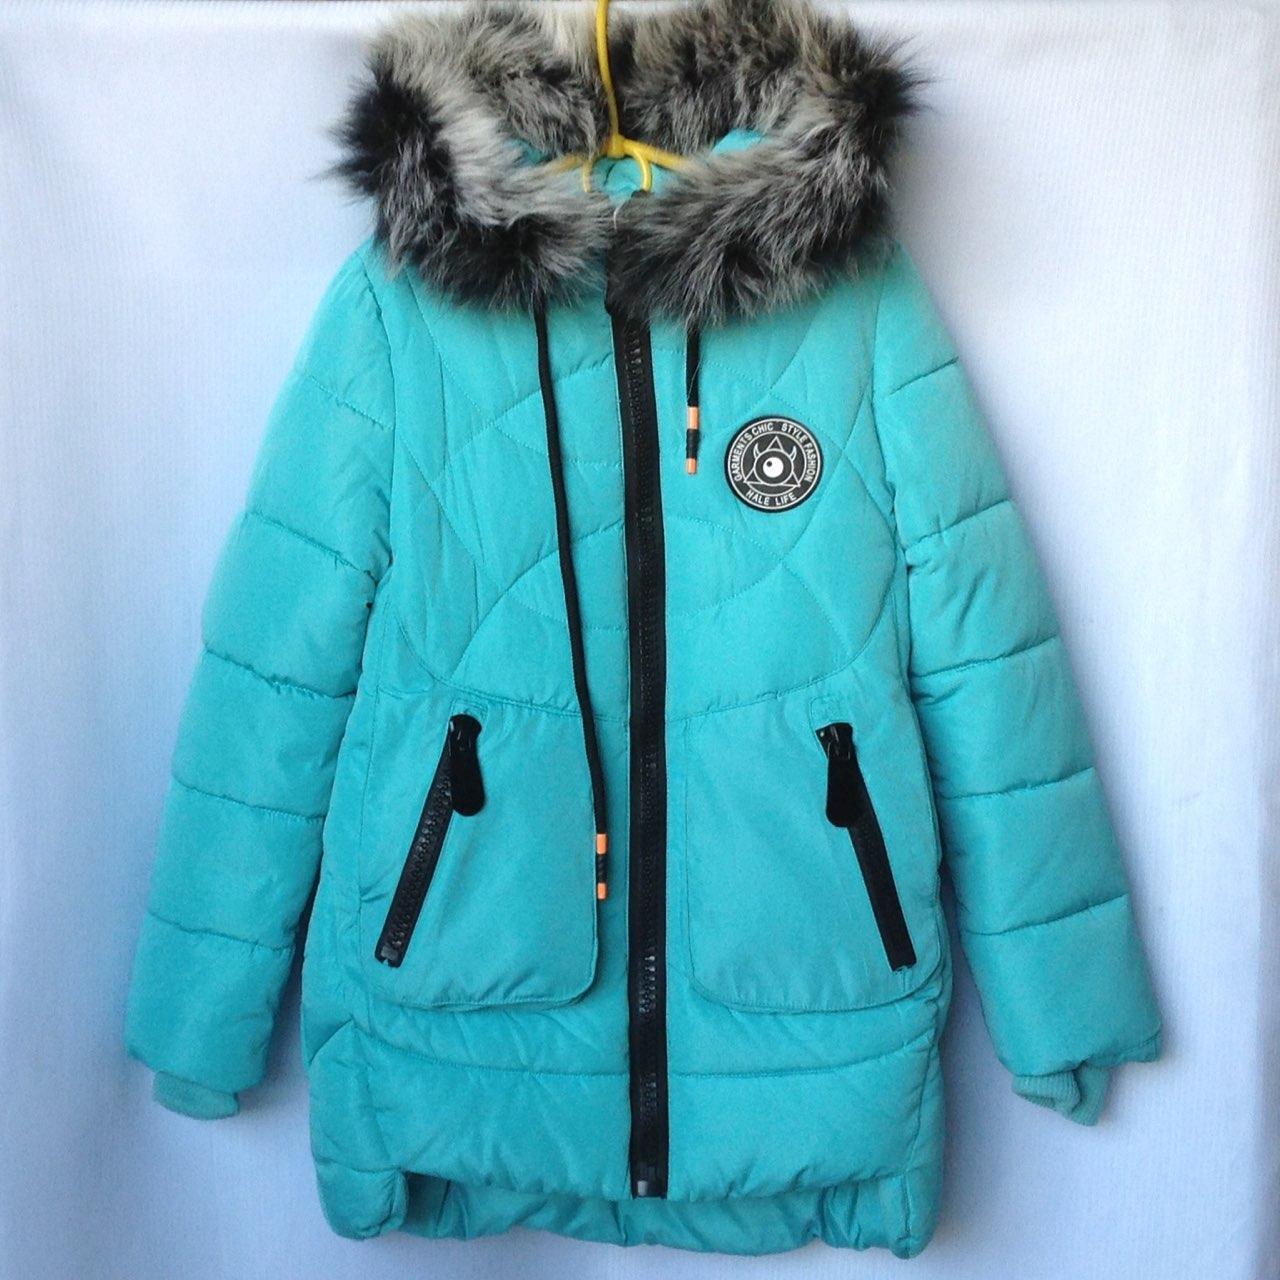 Куртка подростковая зимняя LIFE #1705 для девочек. 128-152 см (8-12 лет). Бирюзовая. Оптом.